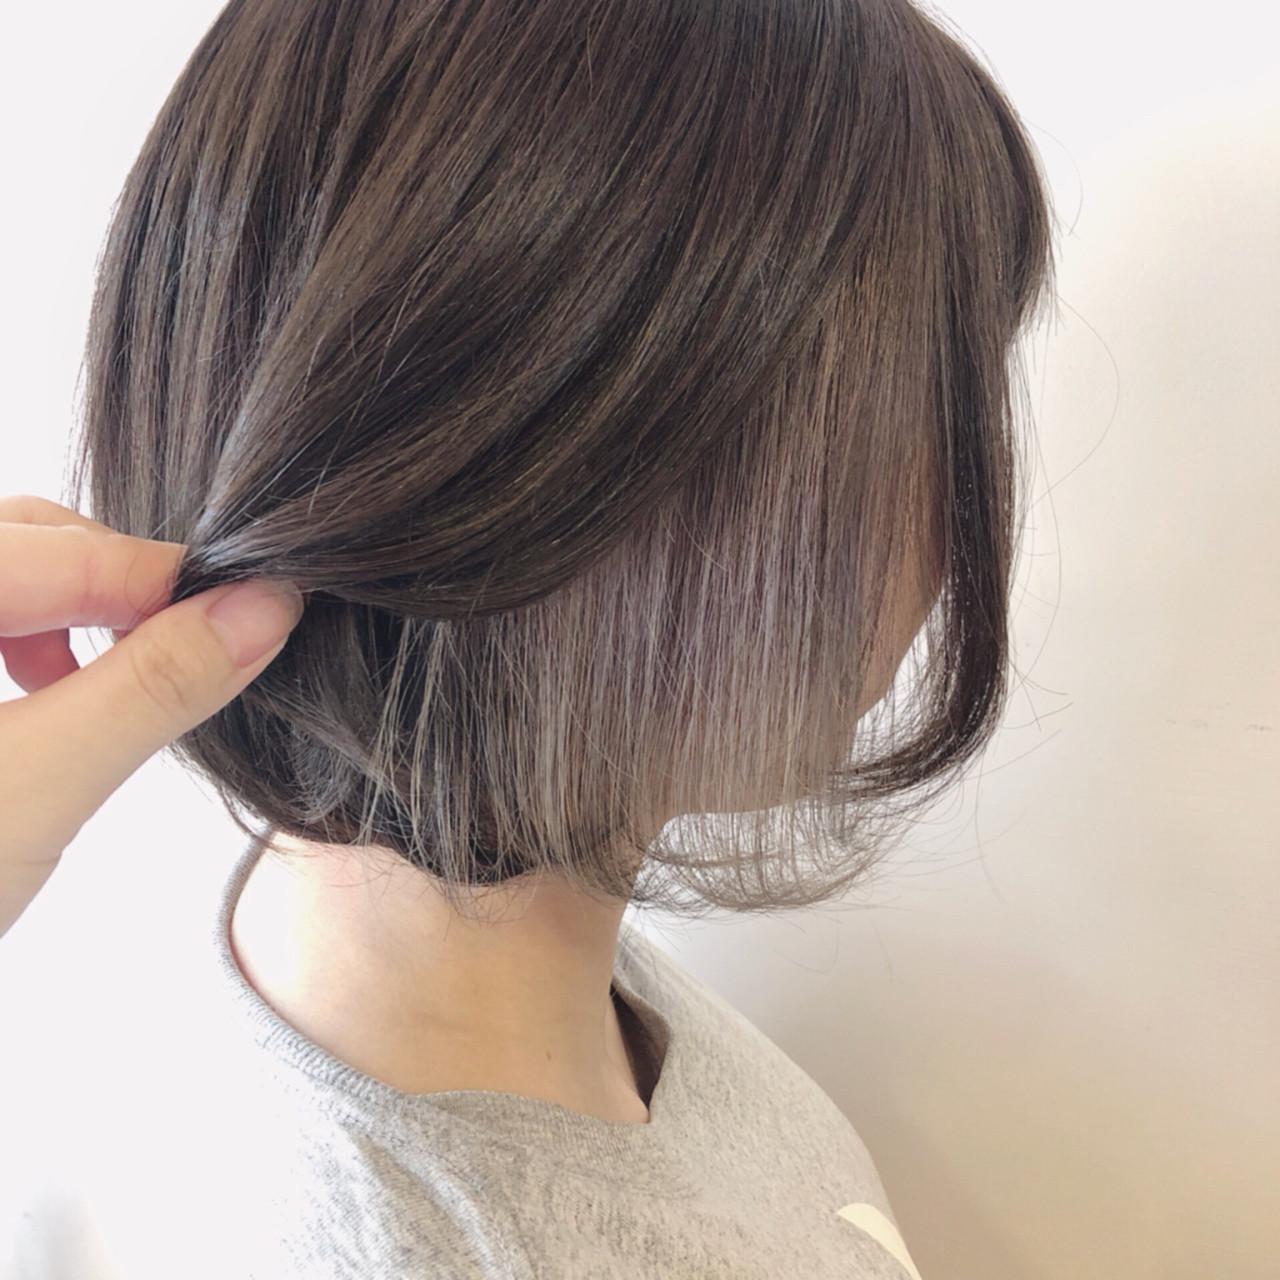 グレージュ インナーカラー フェミニン ボブ ヘアスタイルや髪型の写真・画像 | 多田 朱音 / JLB